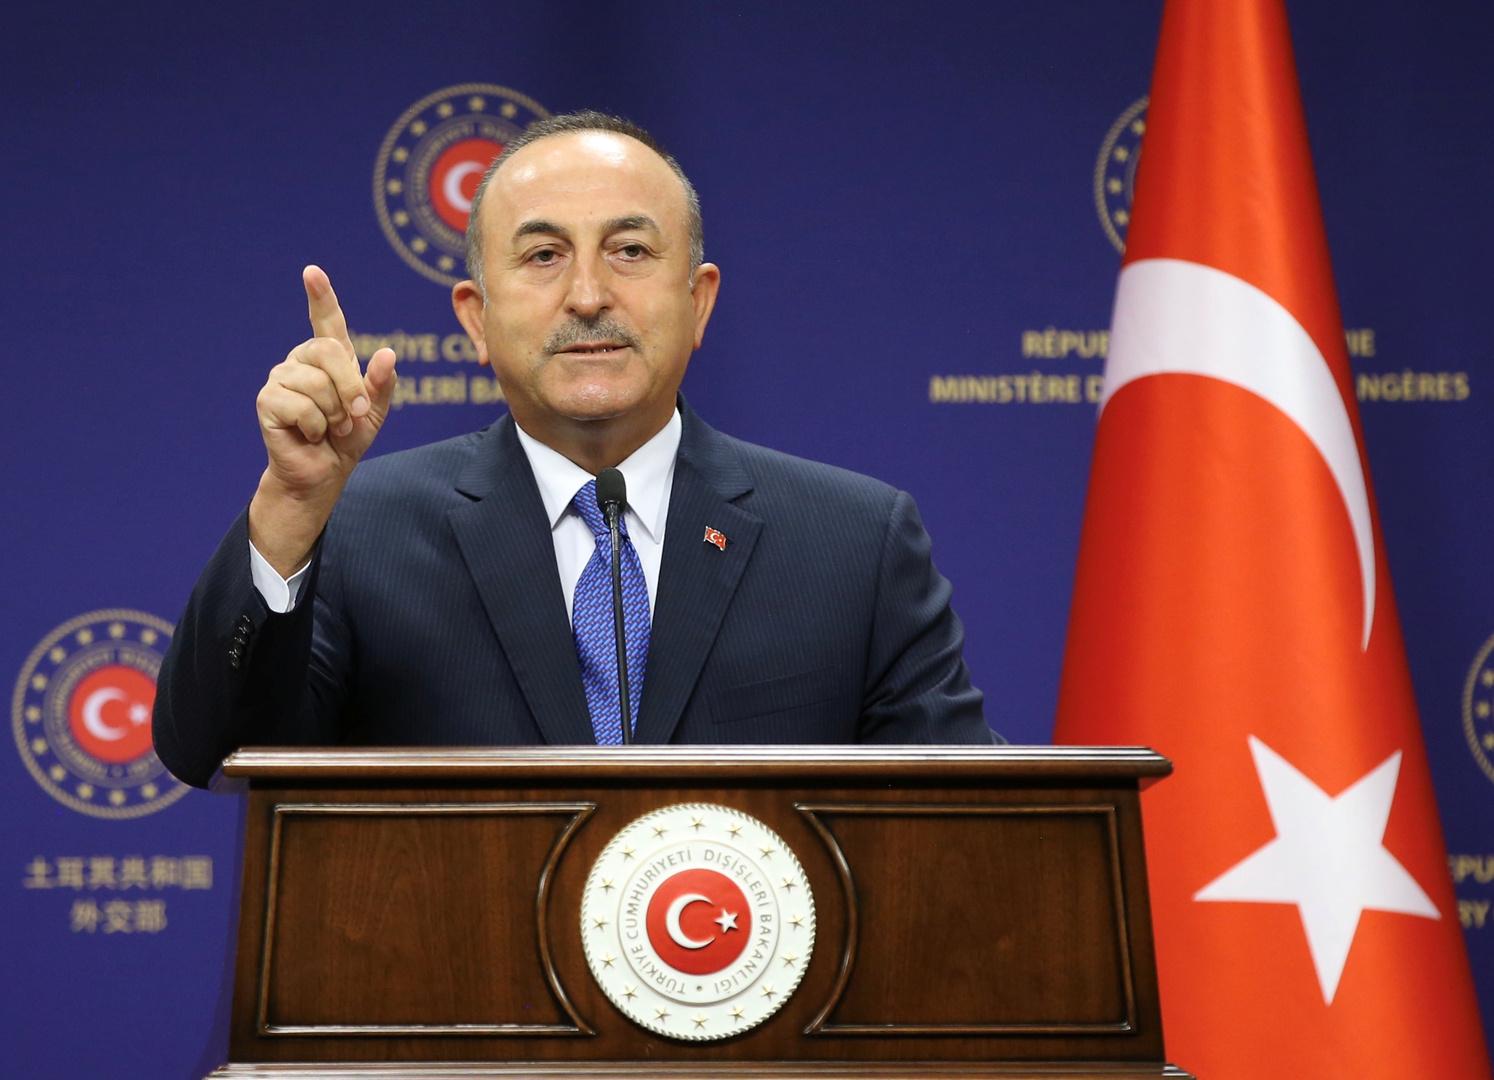 تشاووش أوغلو: نؤيد التفاوض مع جميع الأطراف حول شرقي المتوسط